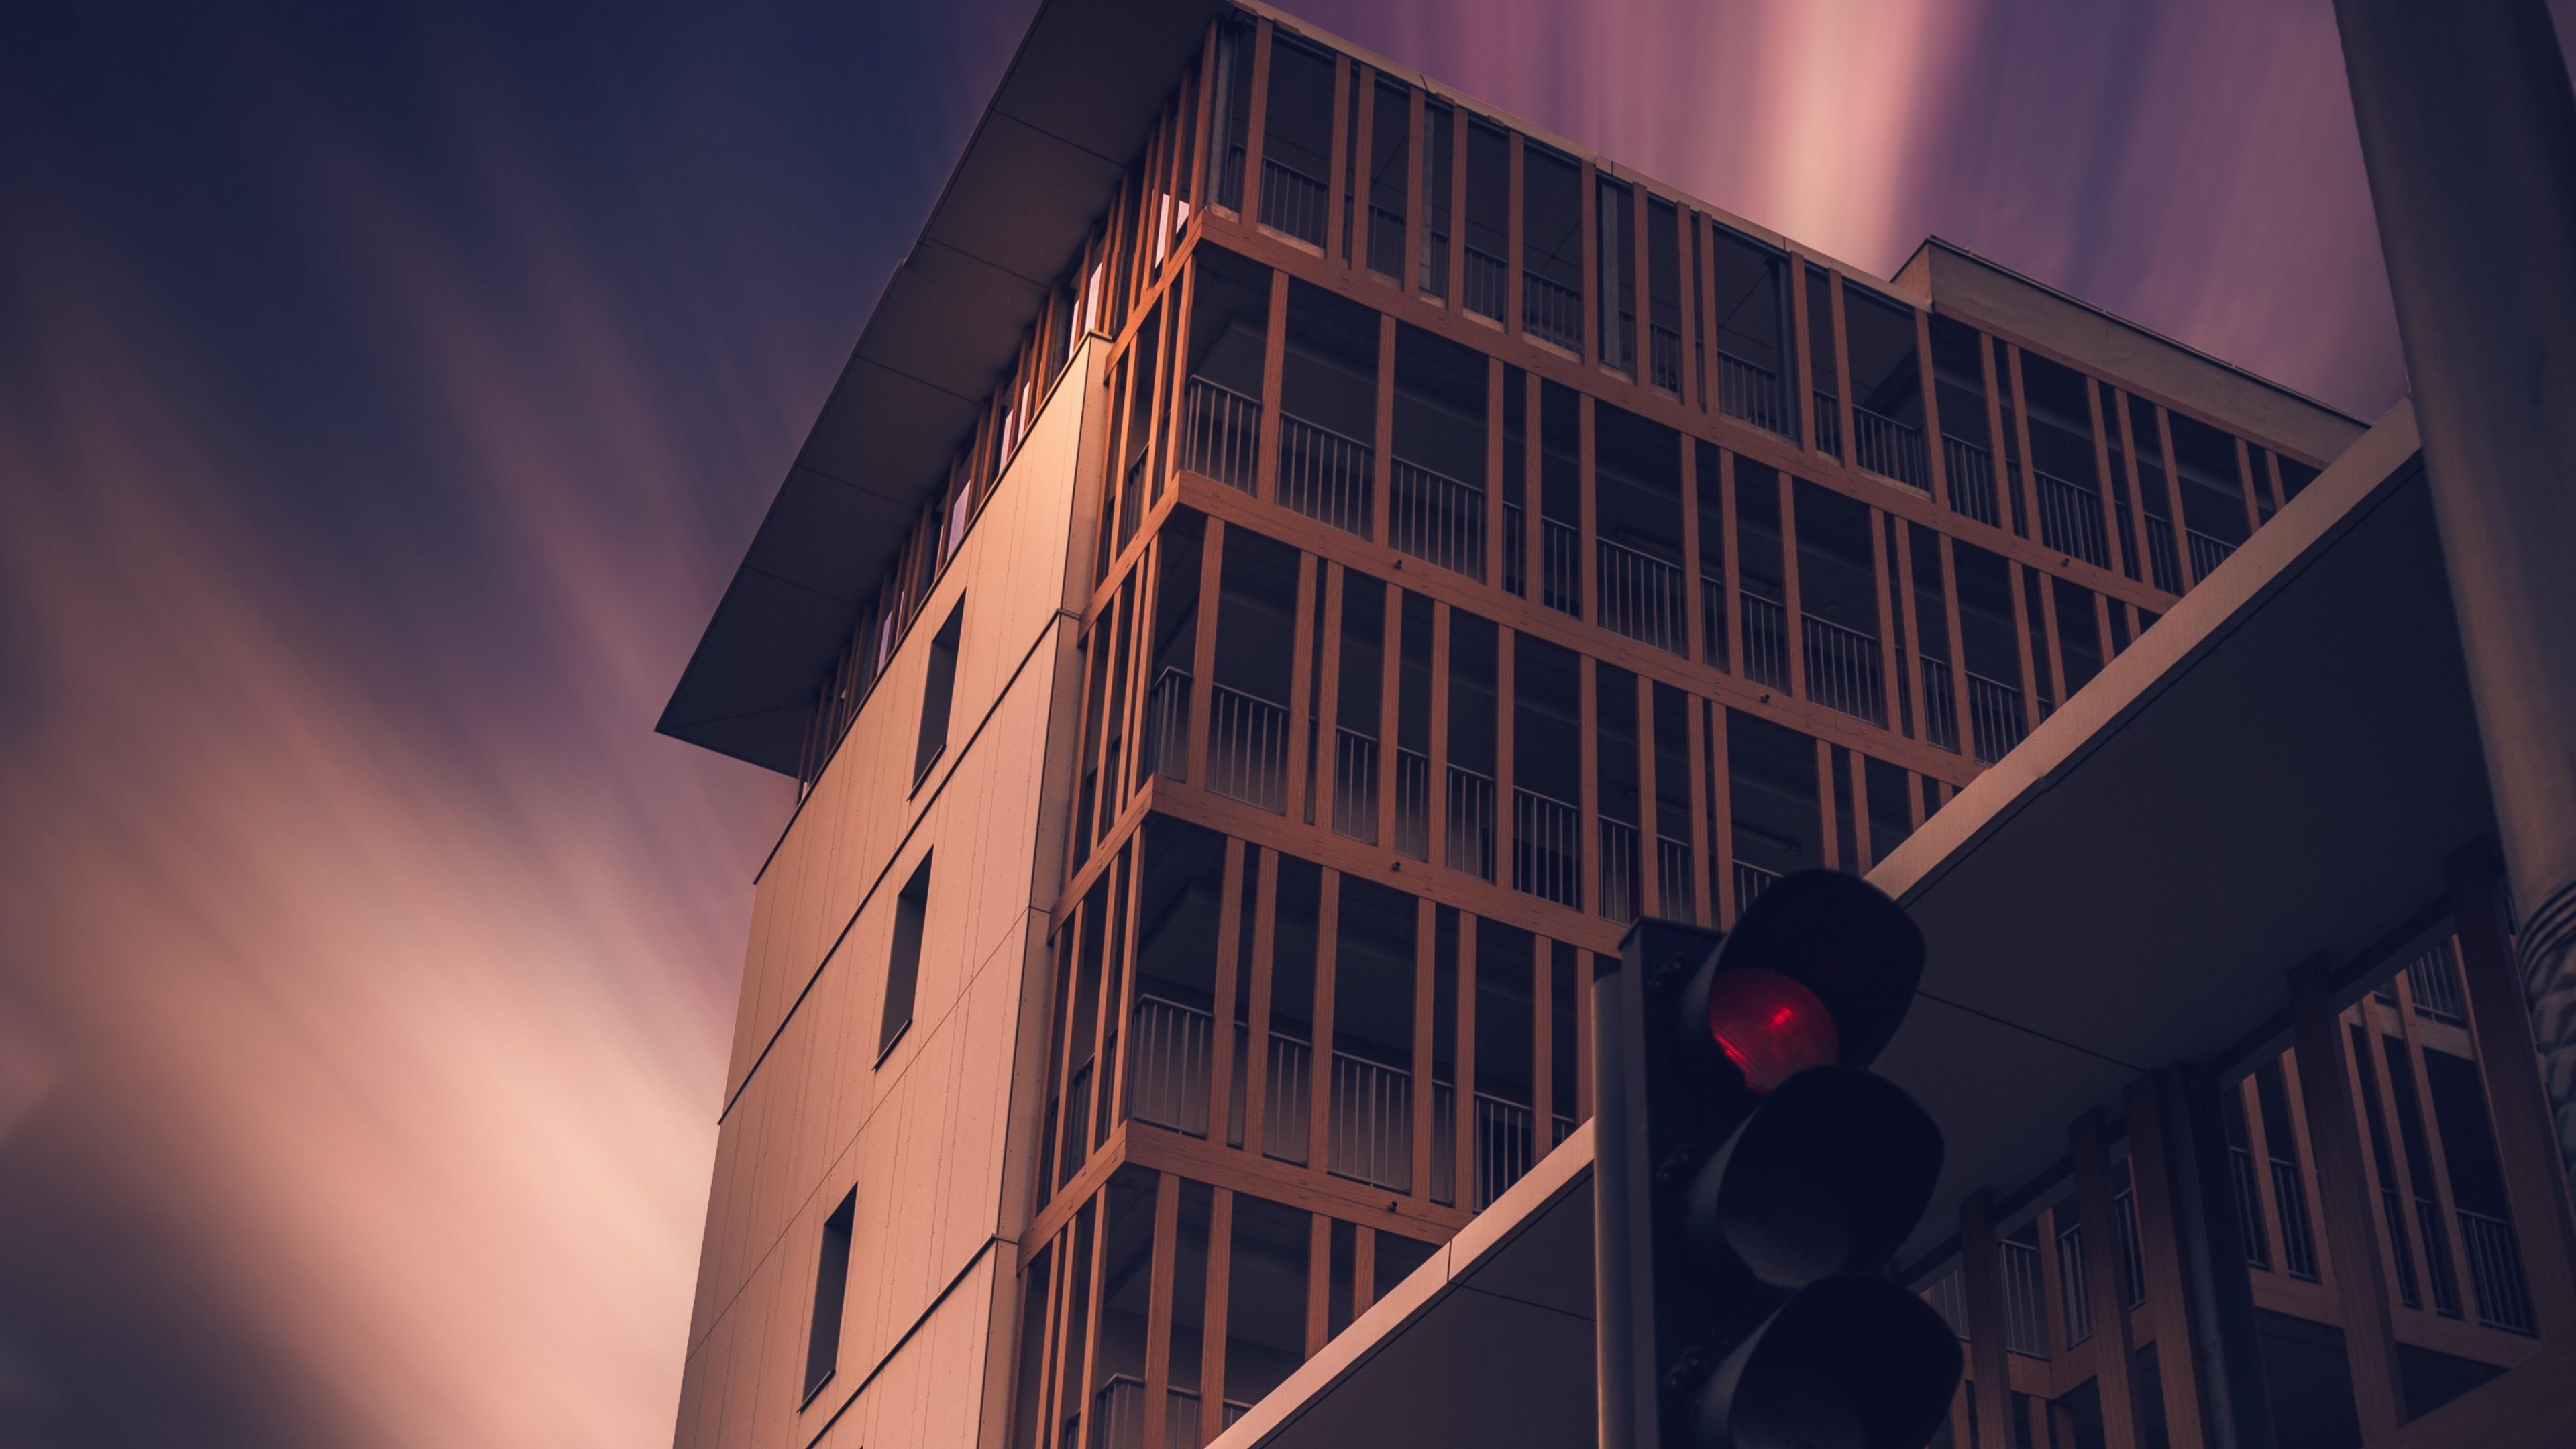 Архитектурный дизайн небоскреба в фиолетово-розовых лучах заката